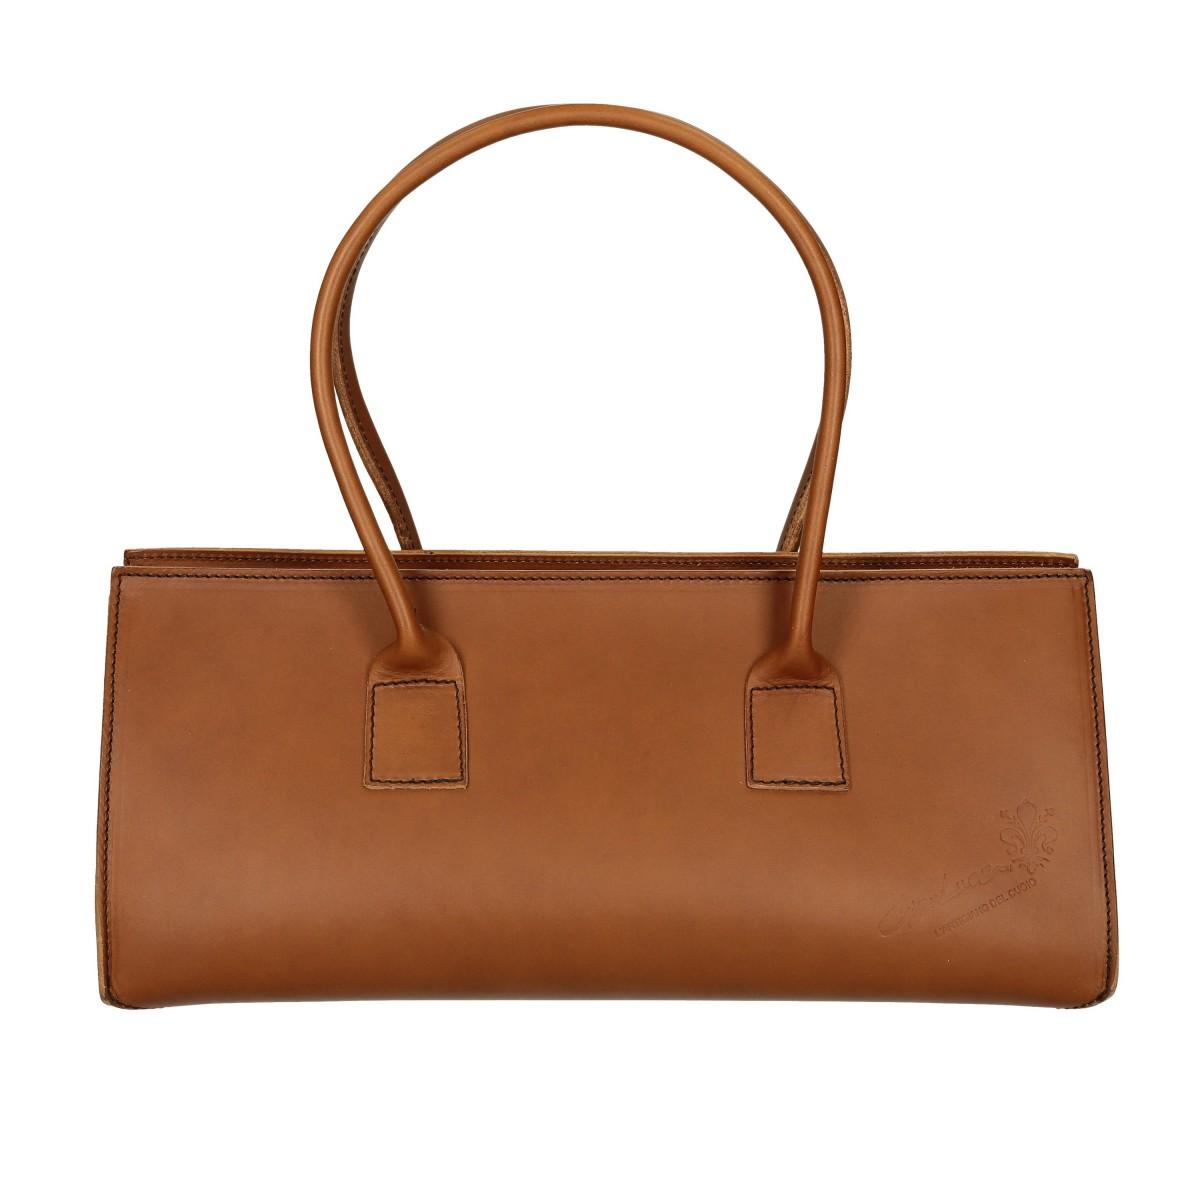 5468aeb29bb Bolso de cuero marrón hechos a mano para mujer. Loading zoom